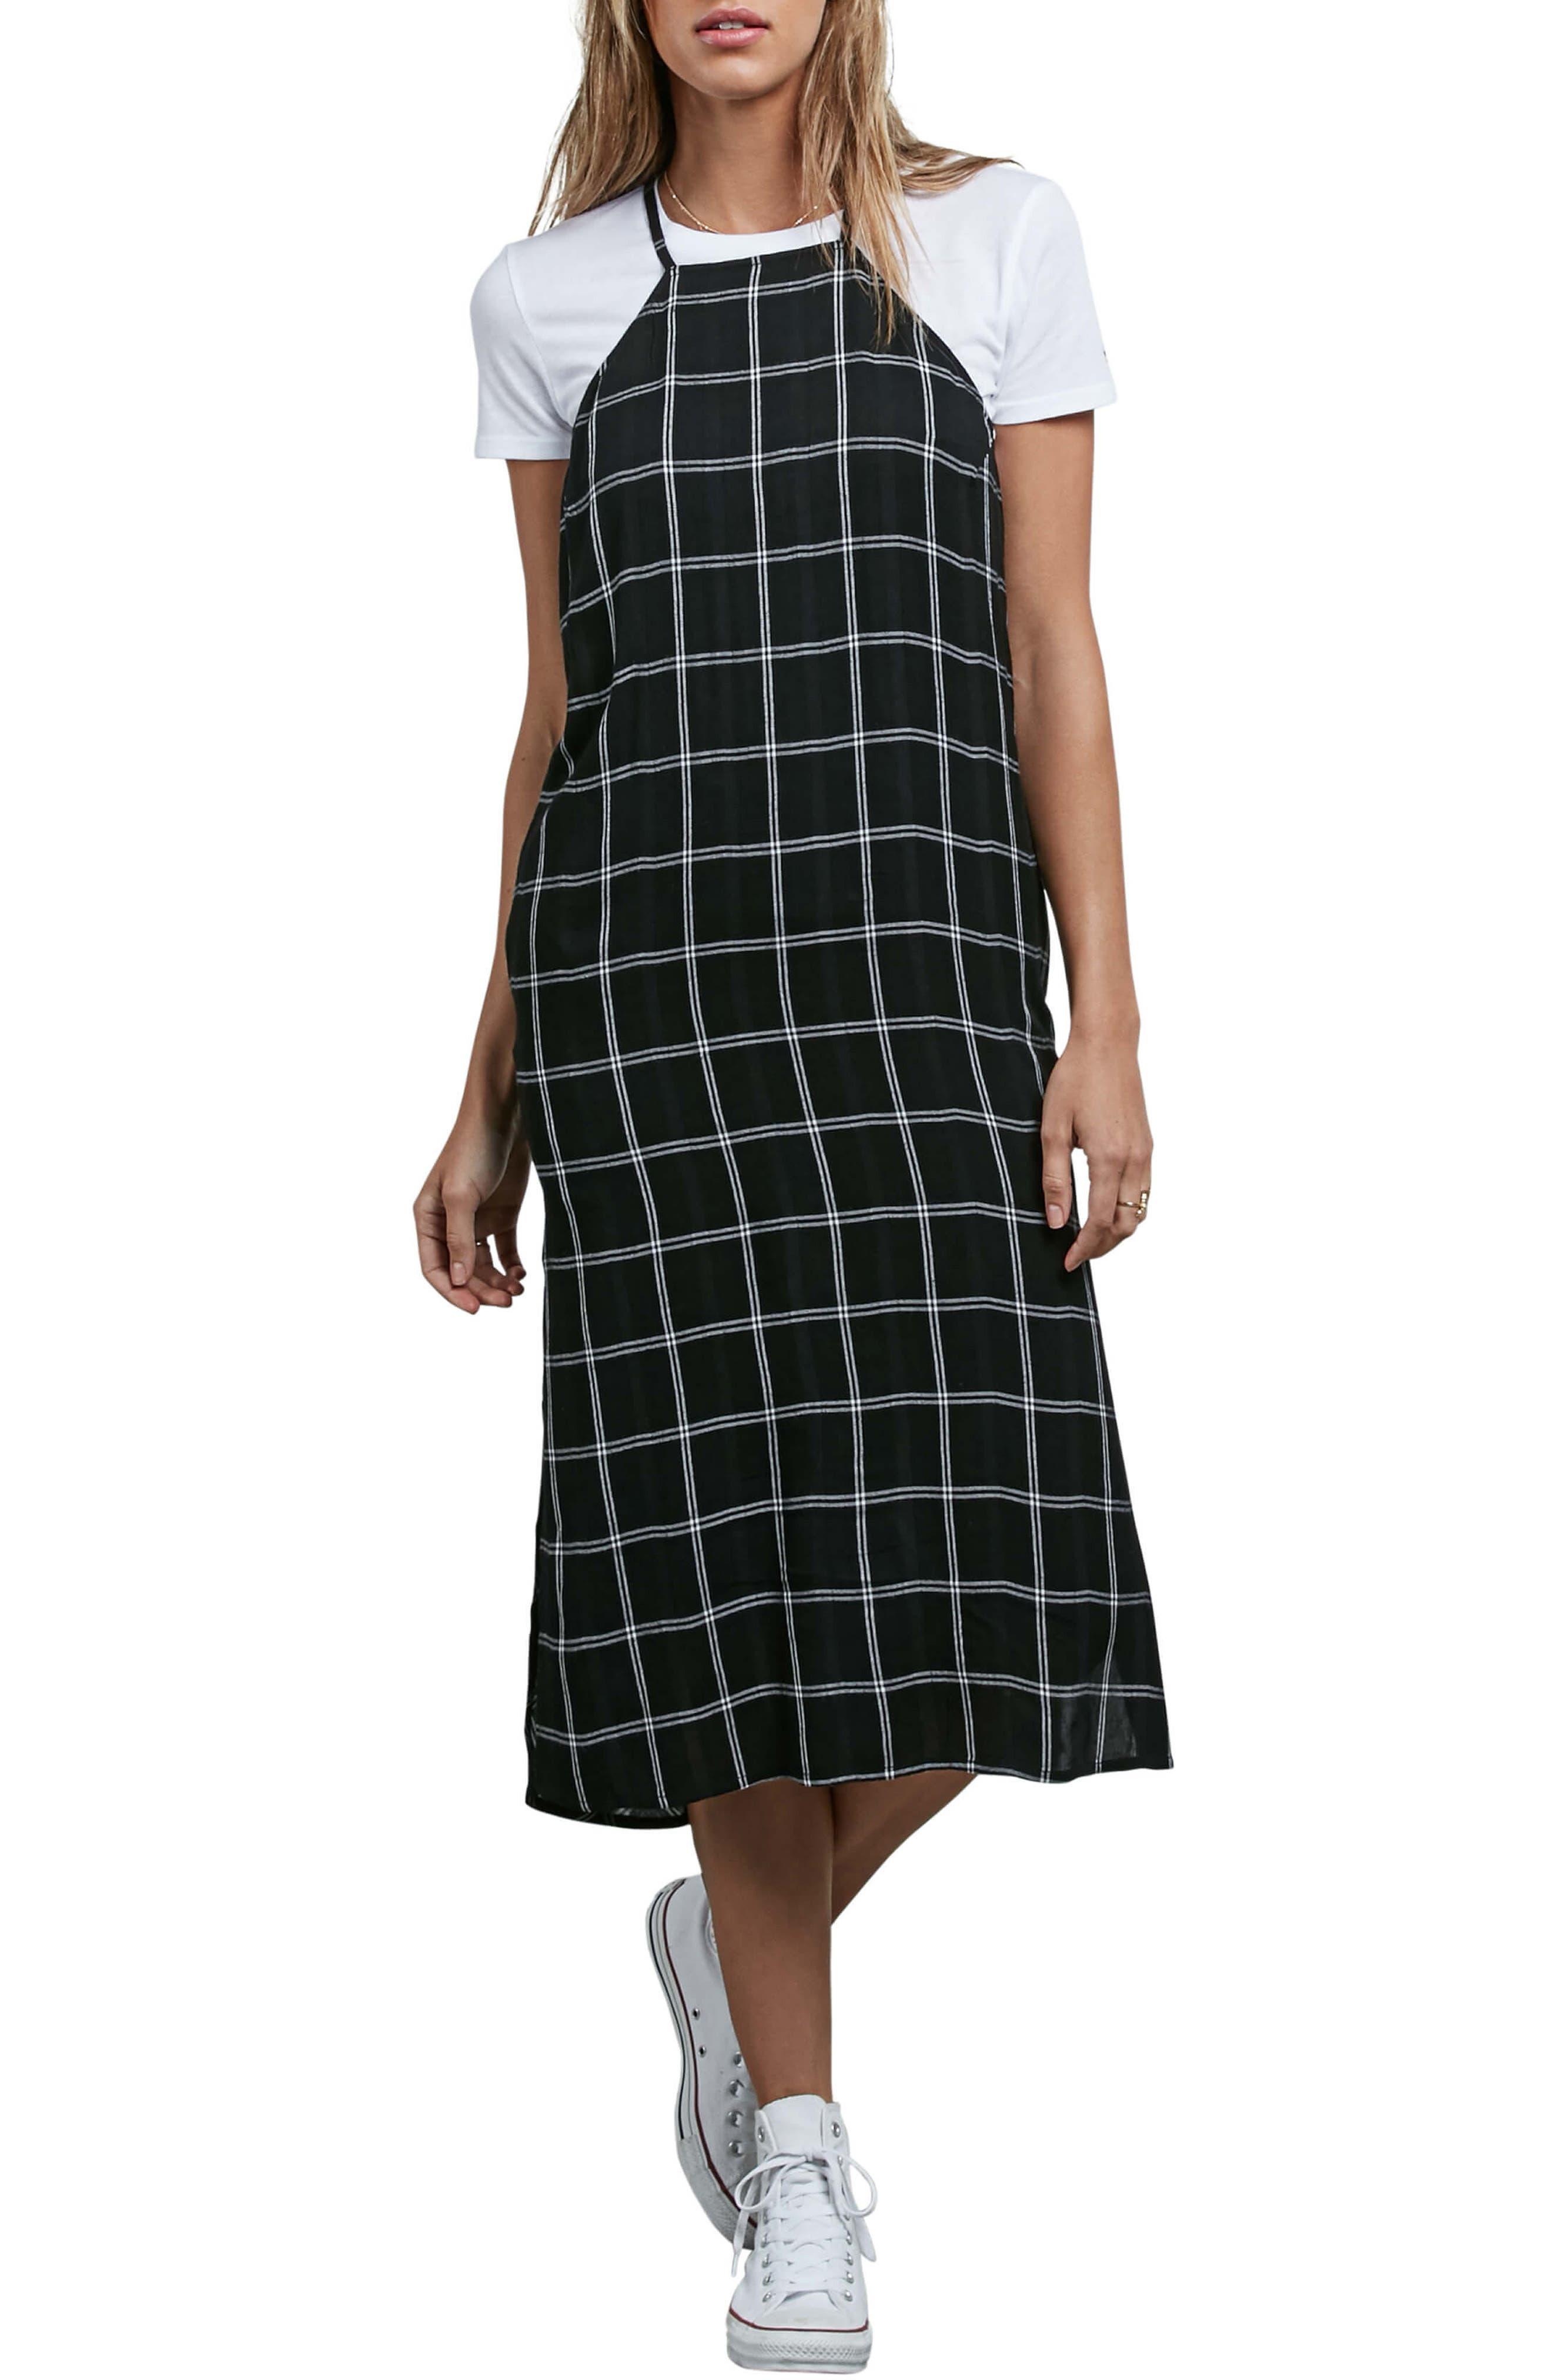 Volcom Jumponit Windowpane Print Midi Dress